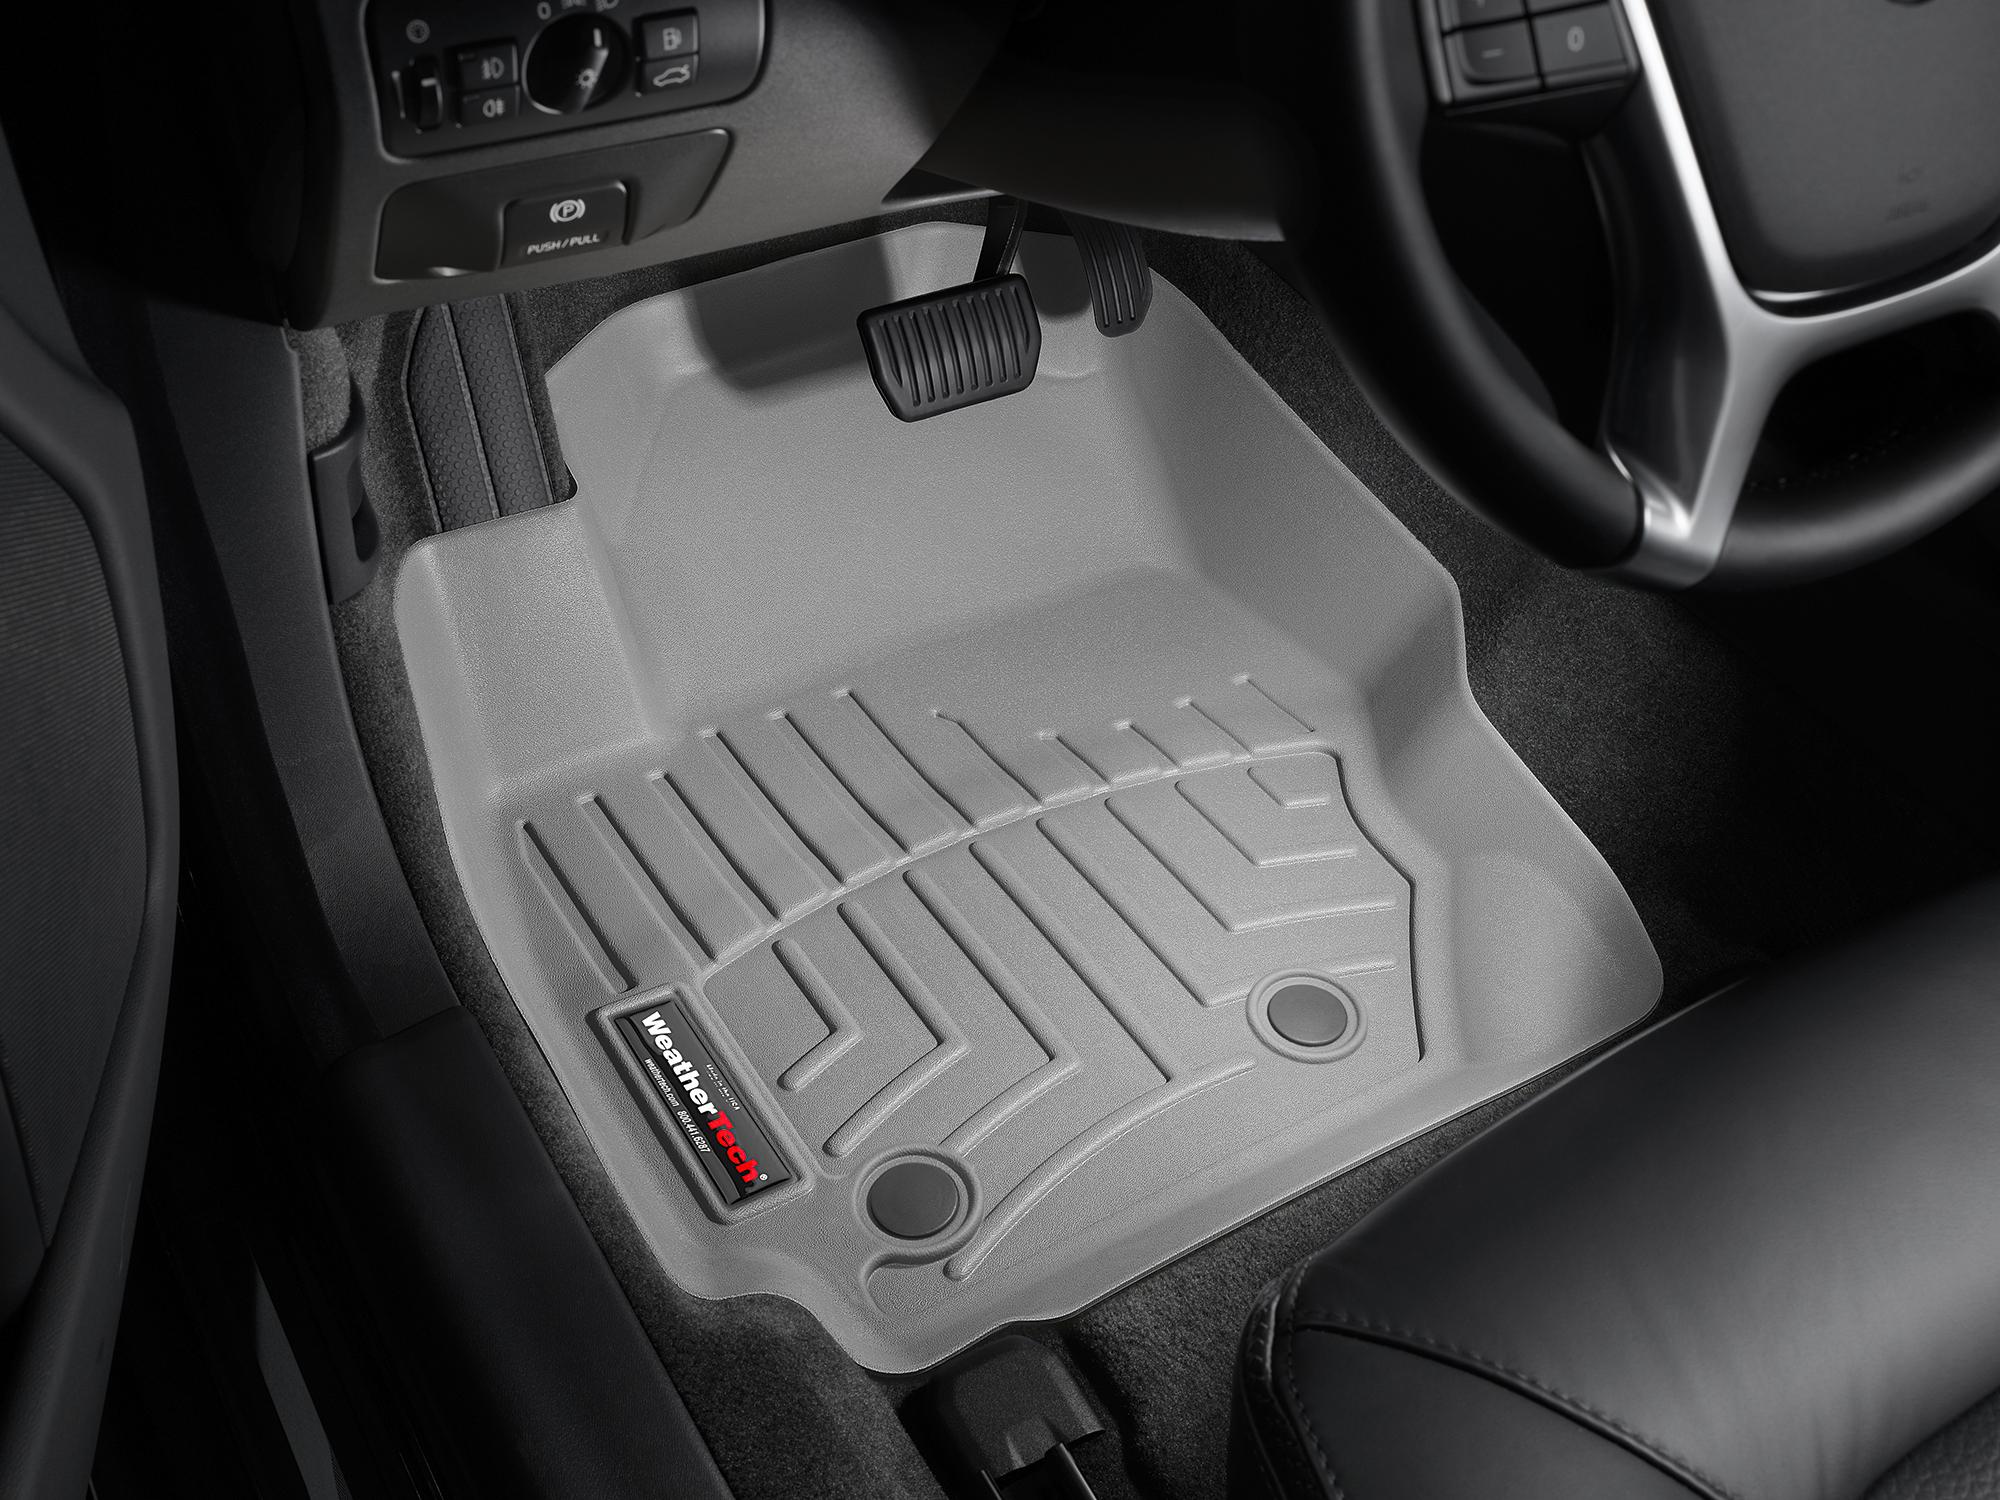 Tappeti gomma su misura bordo alto Volvo V70 08>17 Grigio A4413*